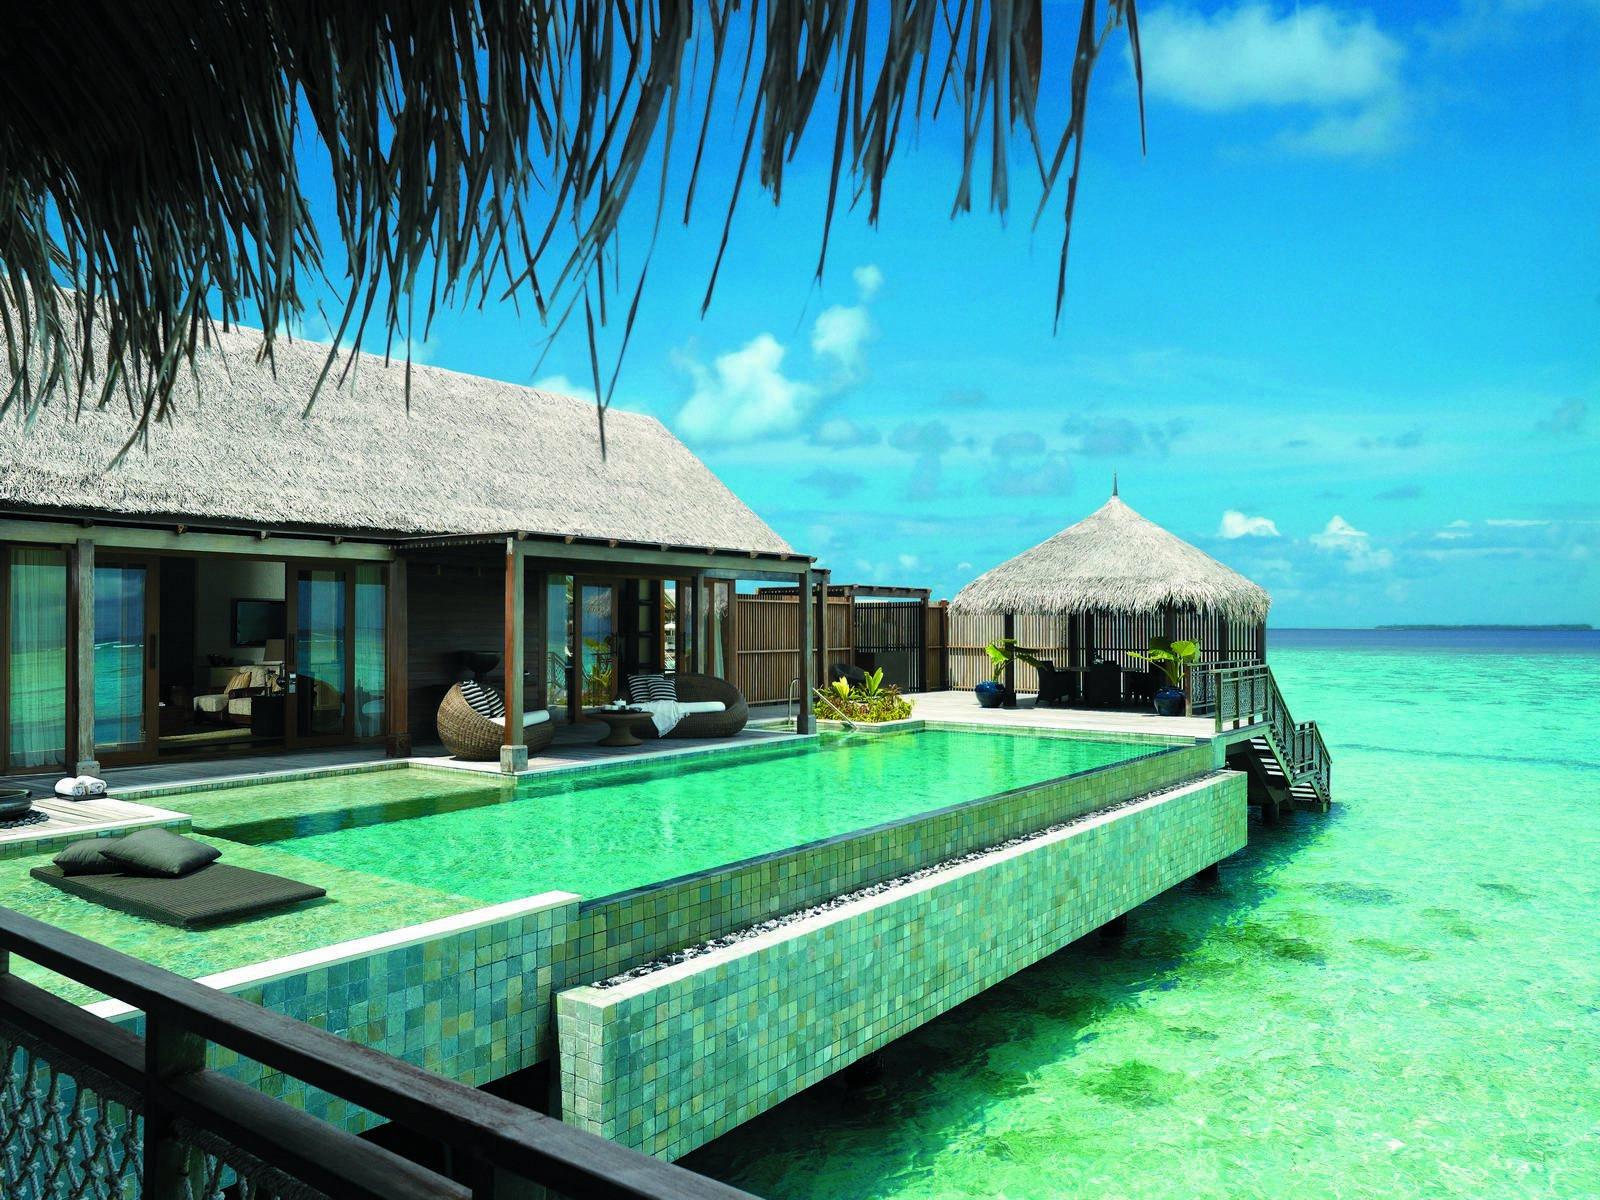 السفر الى المالديف وكيفية التنقل داخلها